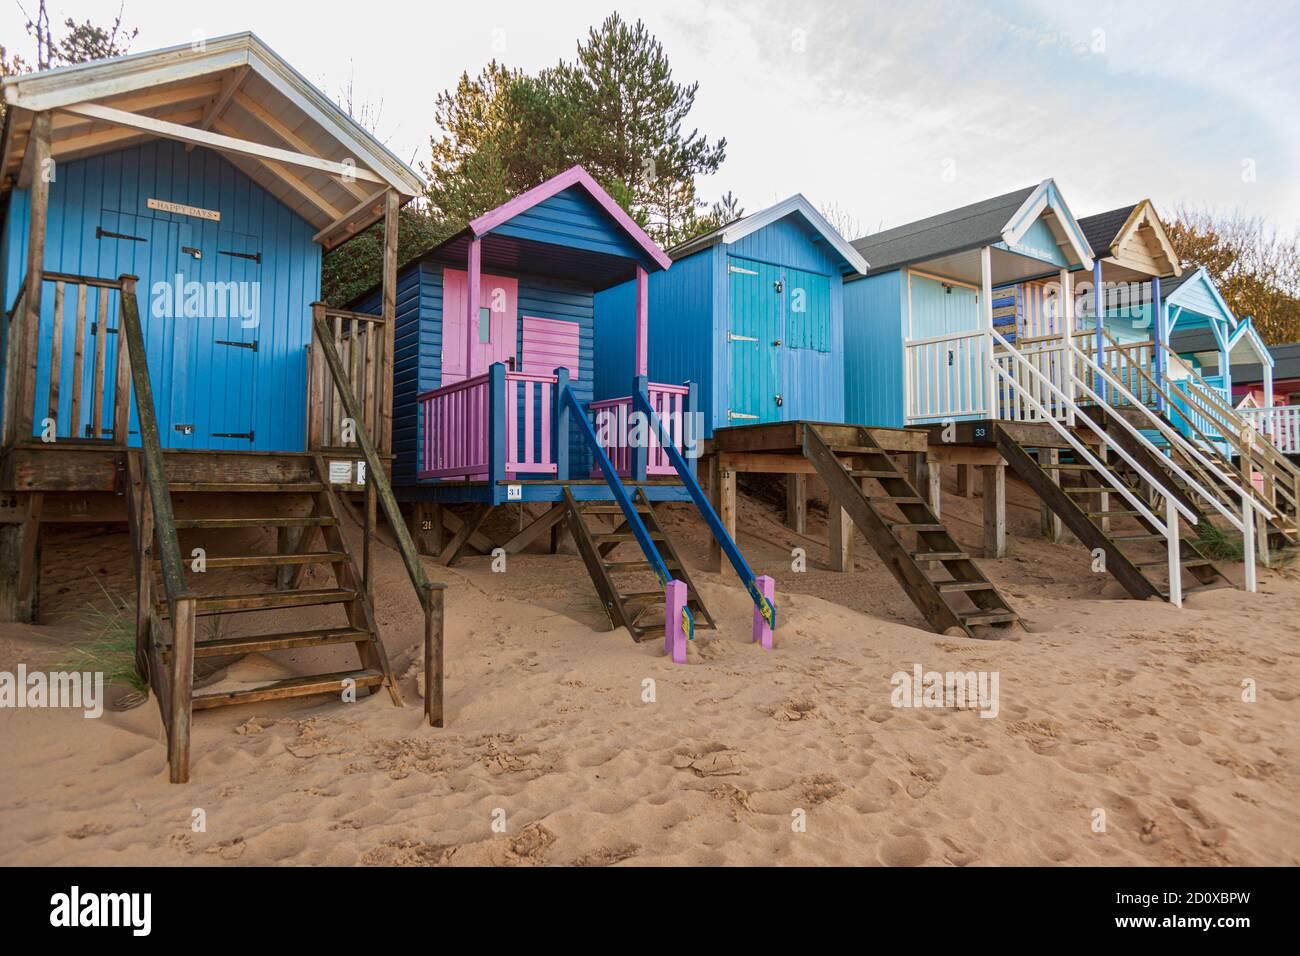 cabanes de plage et plage de sable à puits au bord de la mer sur la côte nord de norfolk royaume-uni hiver soleil angleterre Banque D'Images